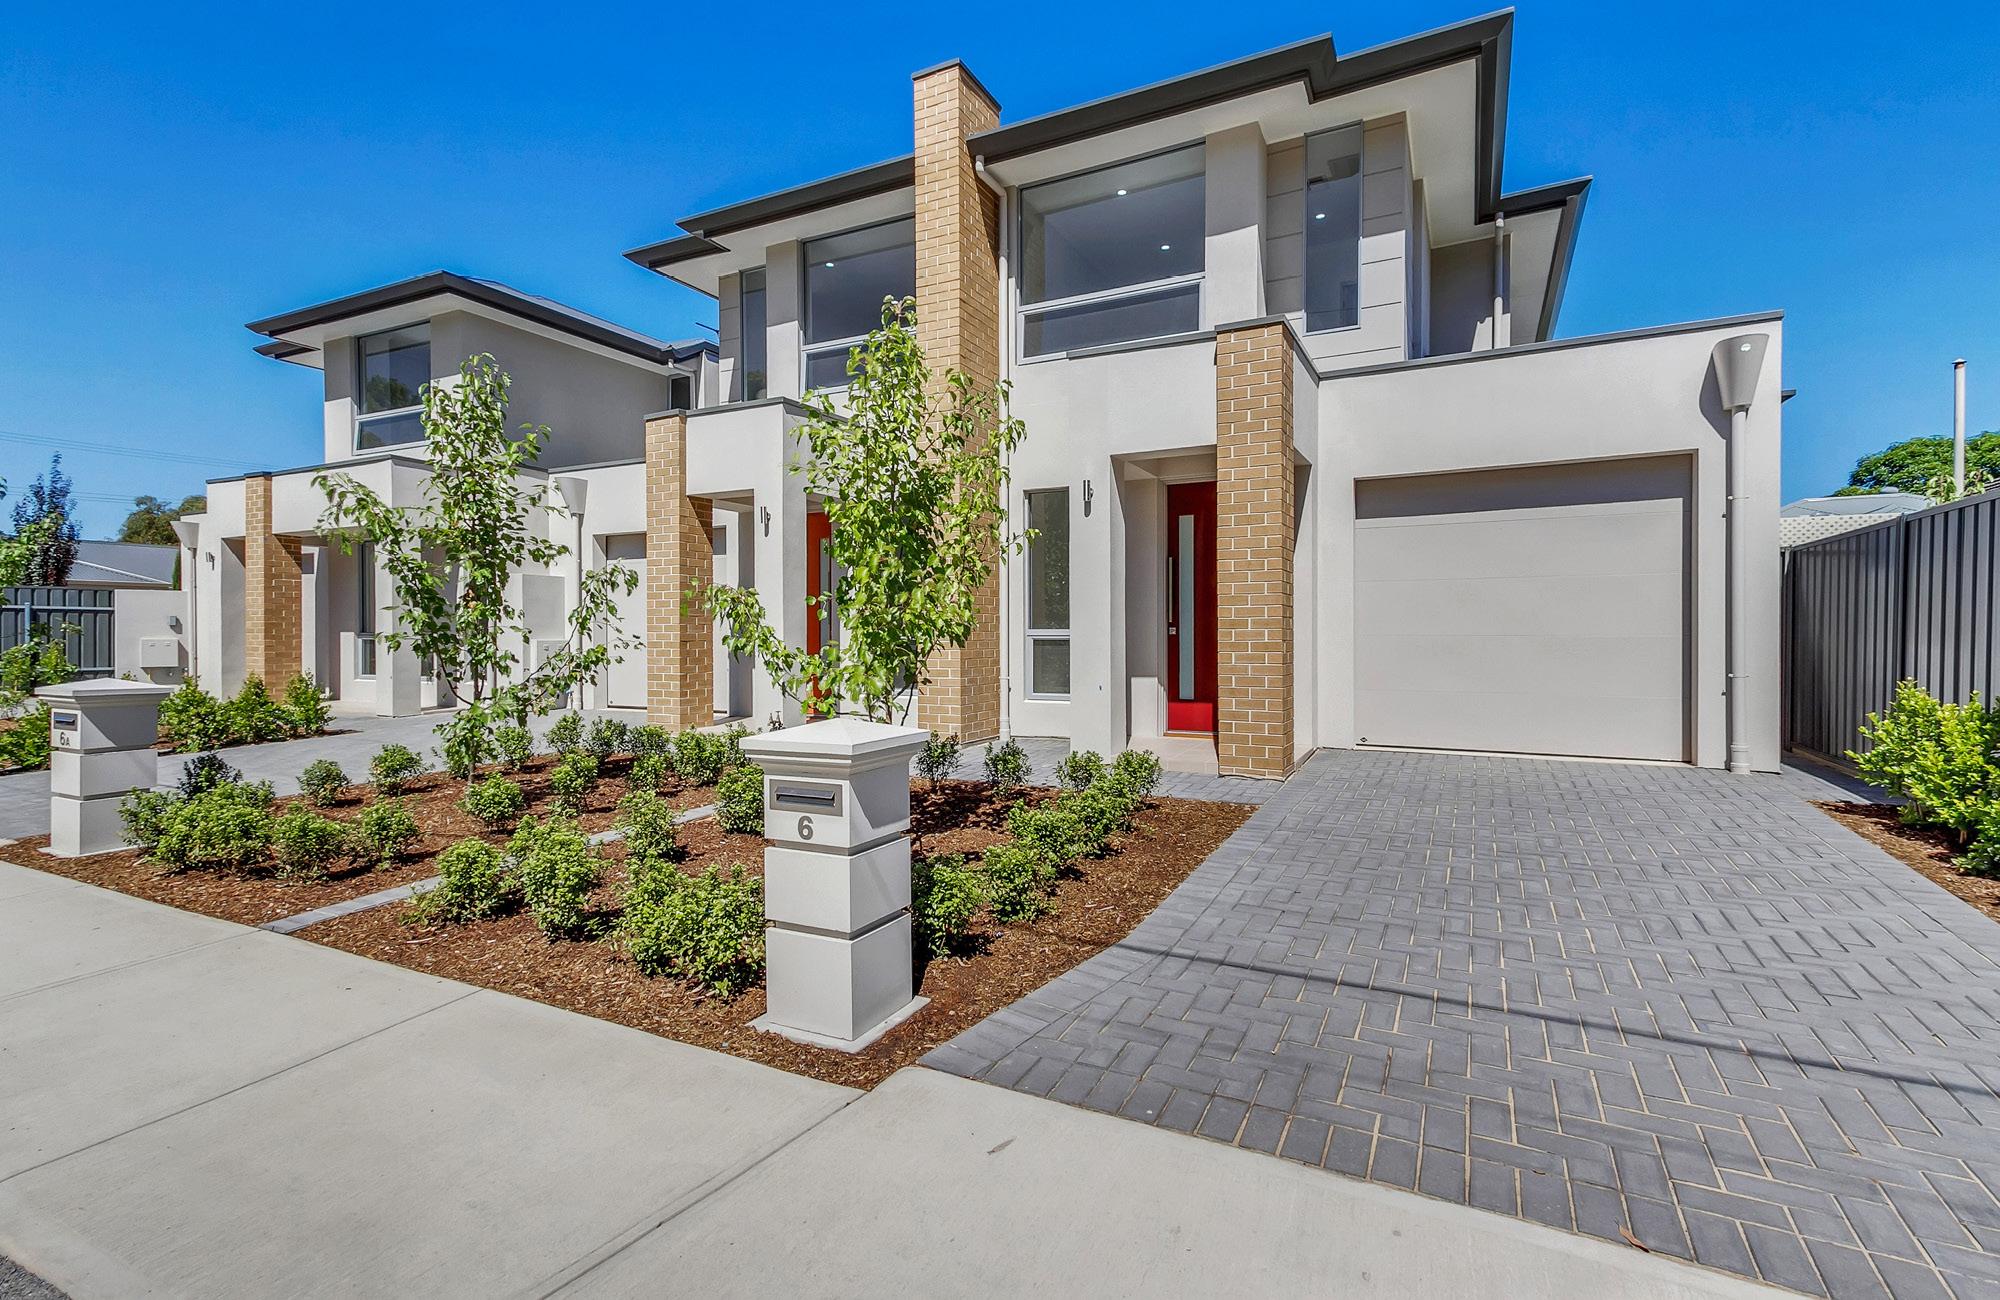 Morphettville Property Development